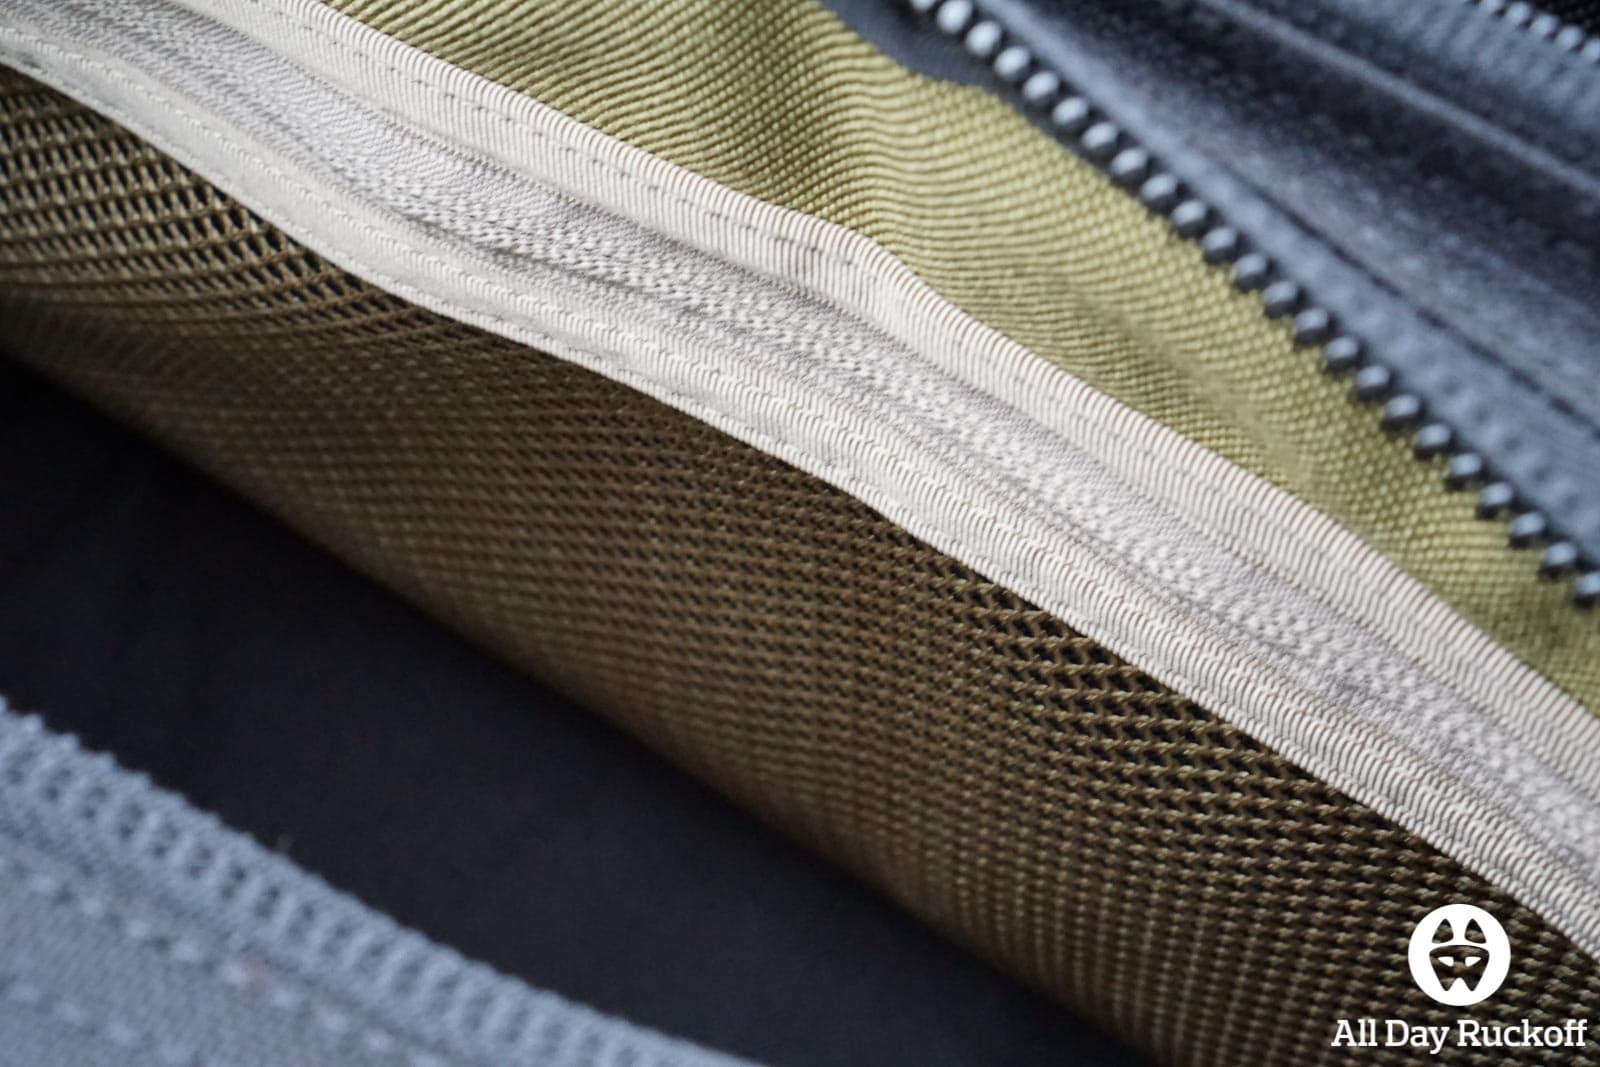 GORUCK Shoulder Bag 15L - Large Zipper Pocket